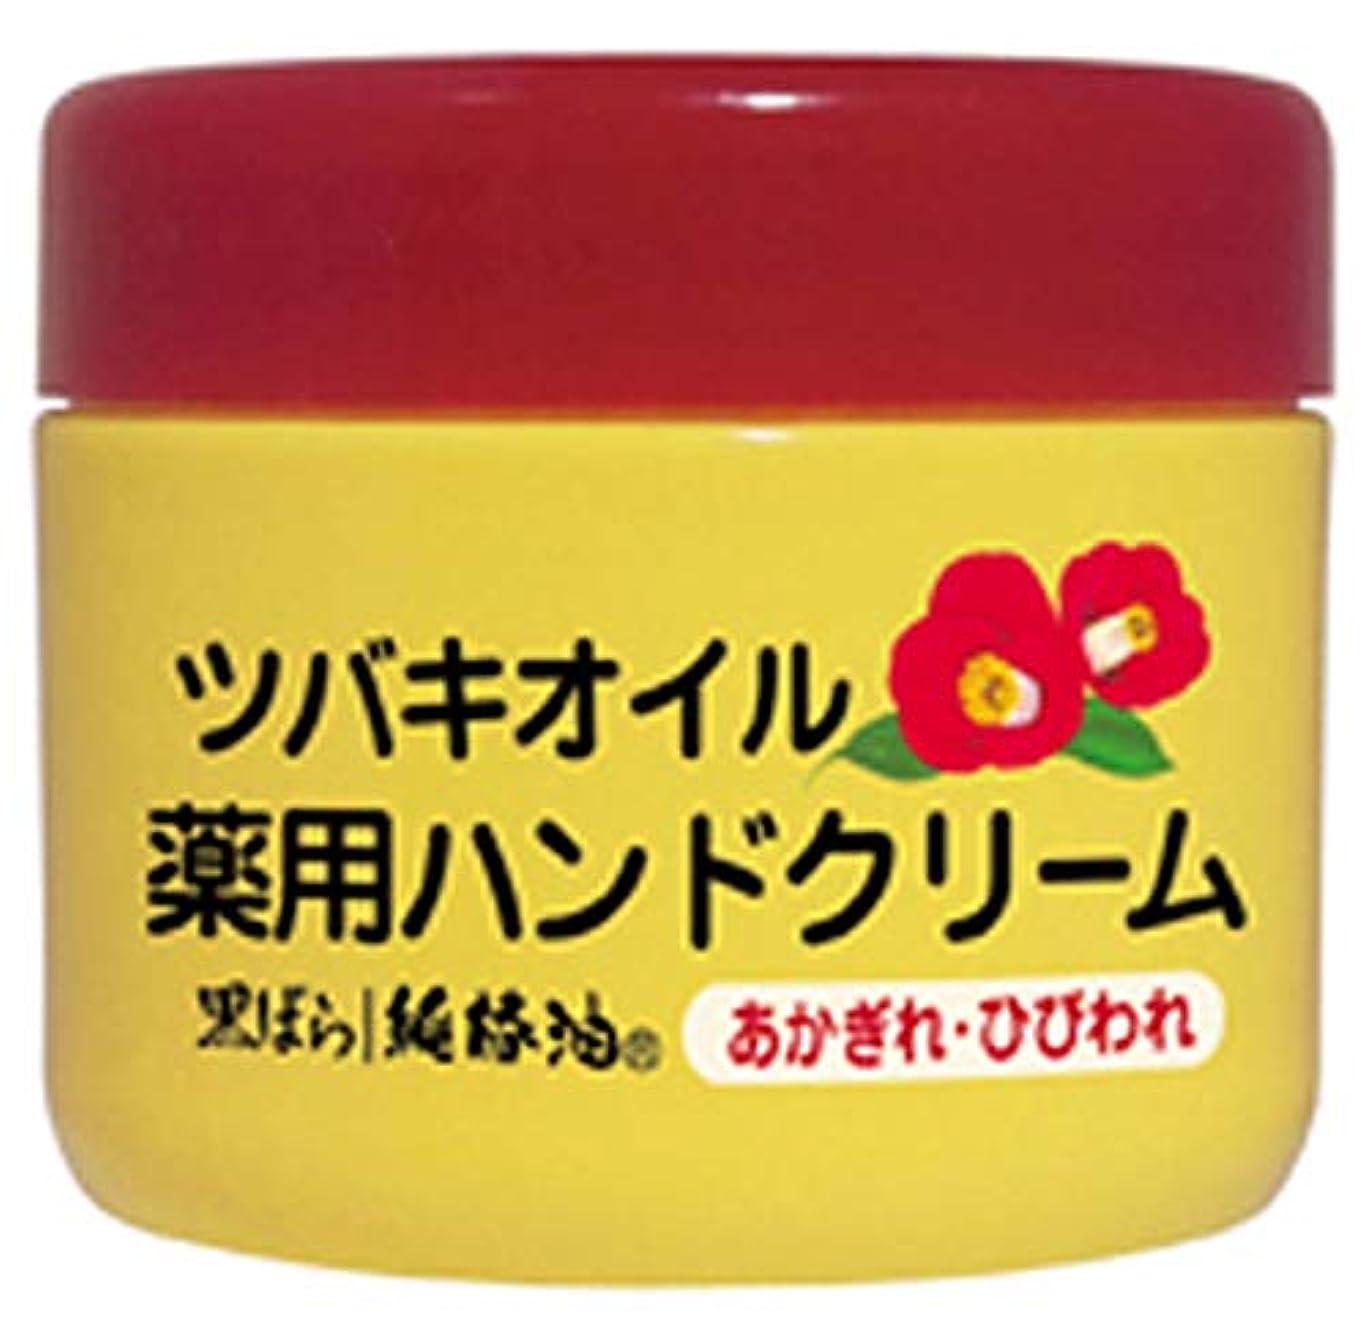 ご予約月曜貴重なツバキオイル 薬用ハンドクリーム (医薬部外品) 80g